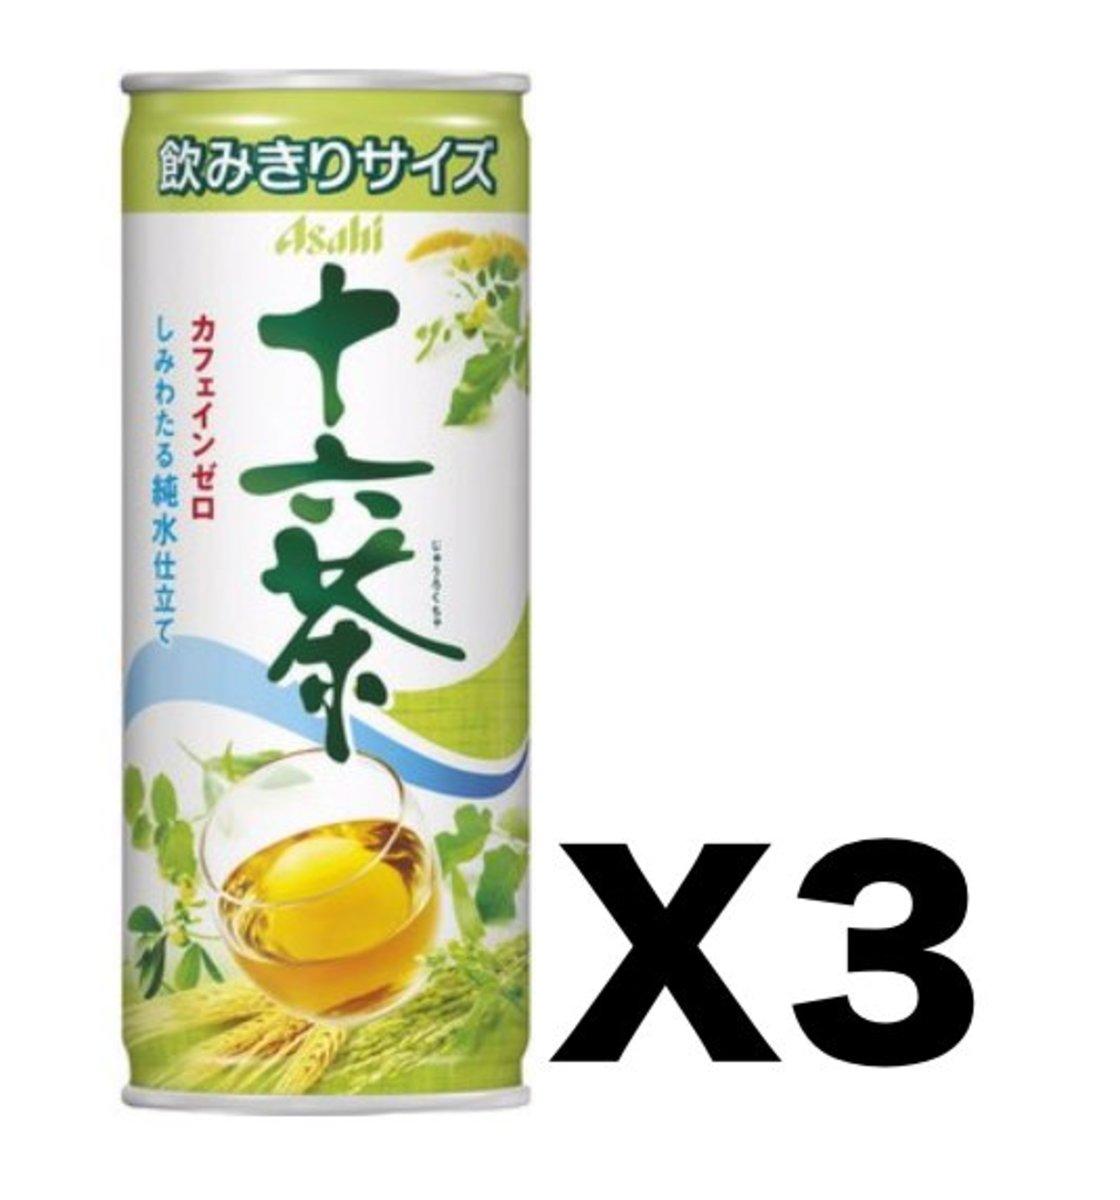 16茶 245g (3罐裝)